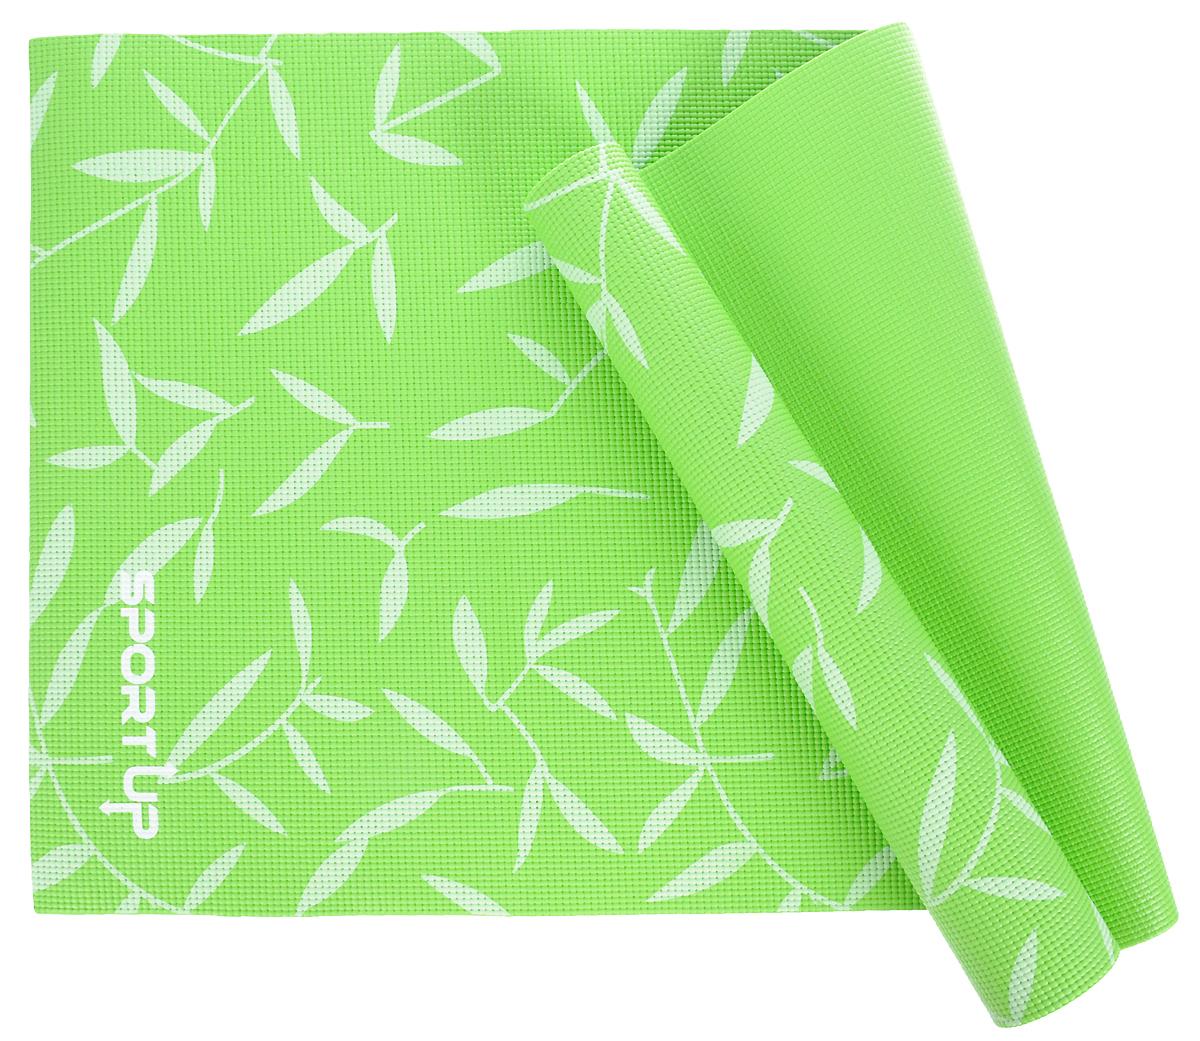 Коврик для йоги Sport UP, цвет: зеленый, 173 х 61 х 0,6 смIR97502/GreenКоврик для йоги Sport UP выполнен из ПВХ, чтобы обеспечить максимальное сцепление с поверхностью и комфорт во время тренировки. Коврик легко сворачивается и его удобно хранить.